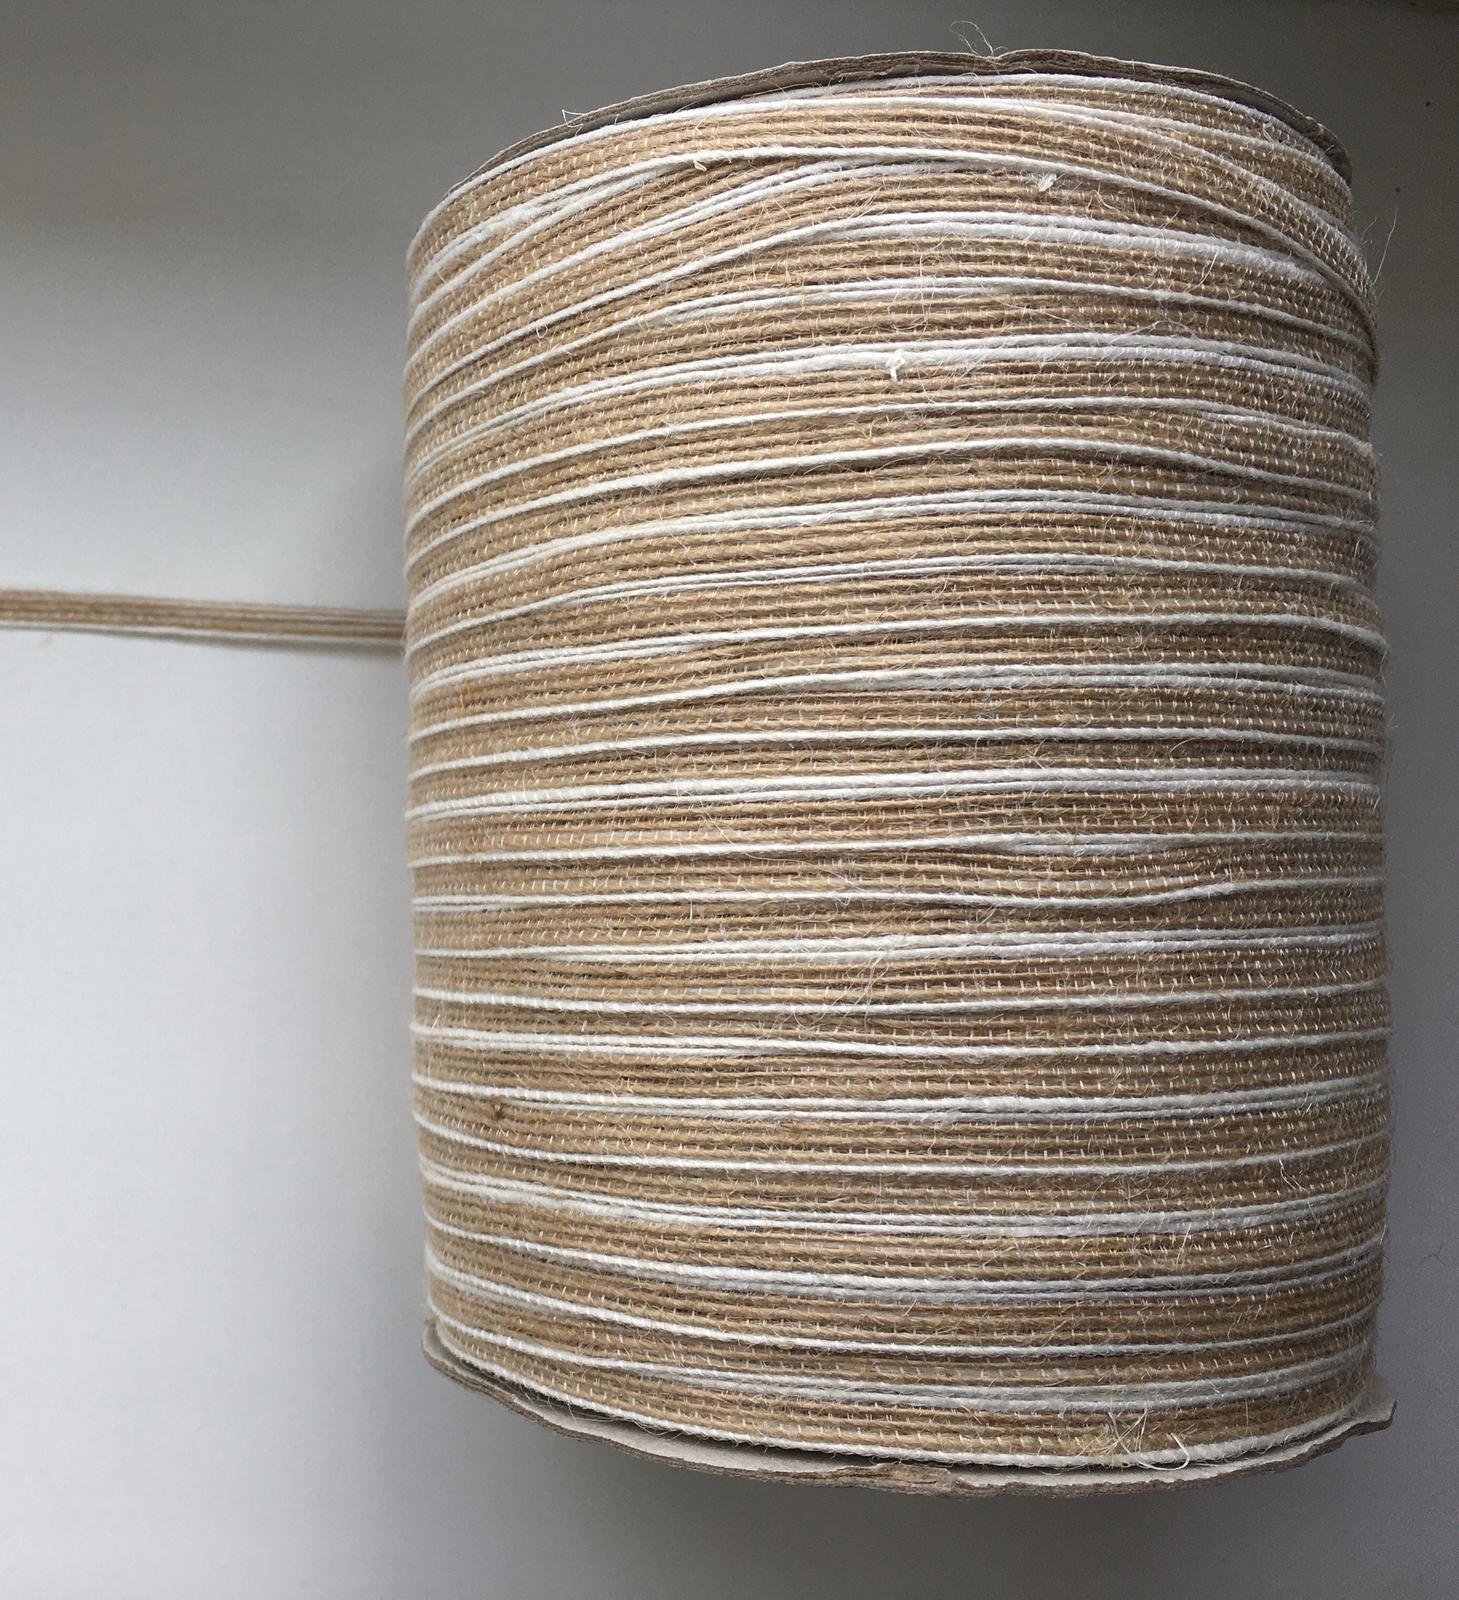 Jutová stuha s bílým lemem 6 mm na vývazky - Obrázek č. 1